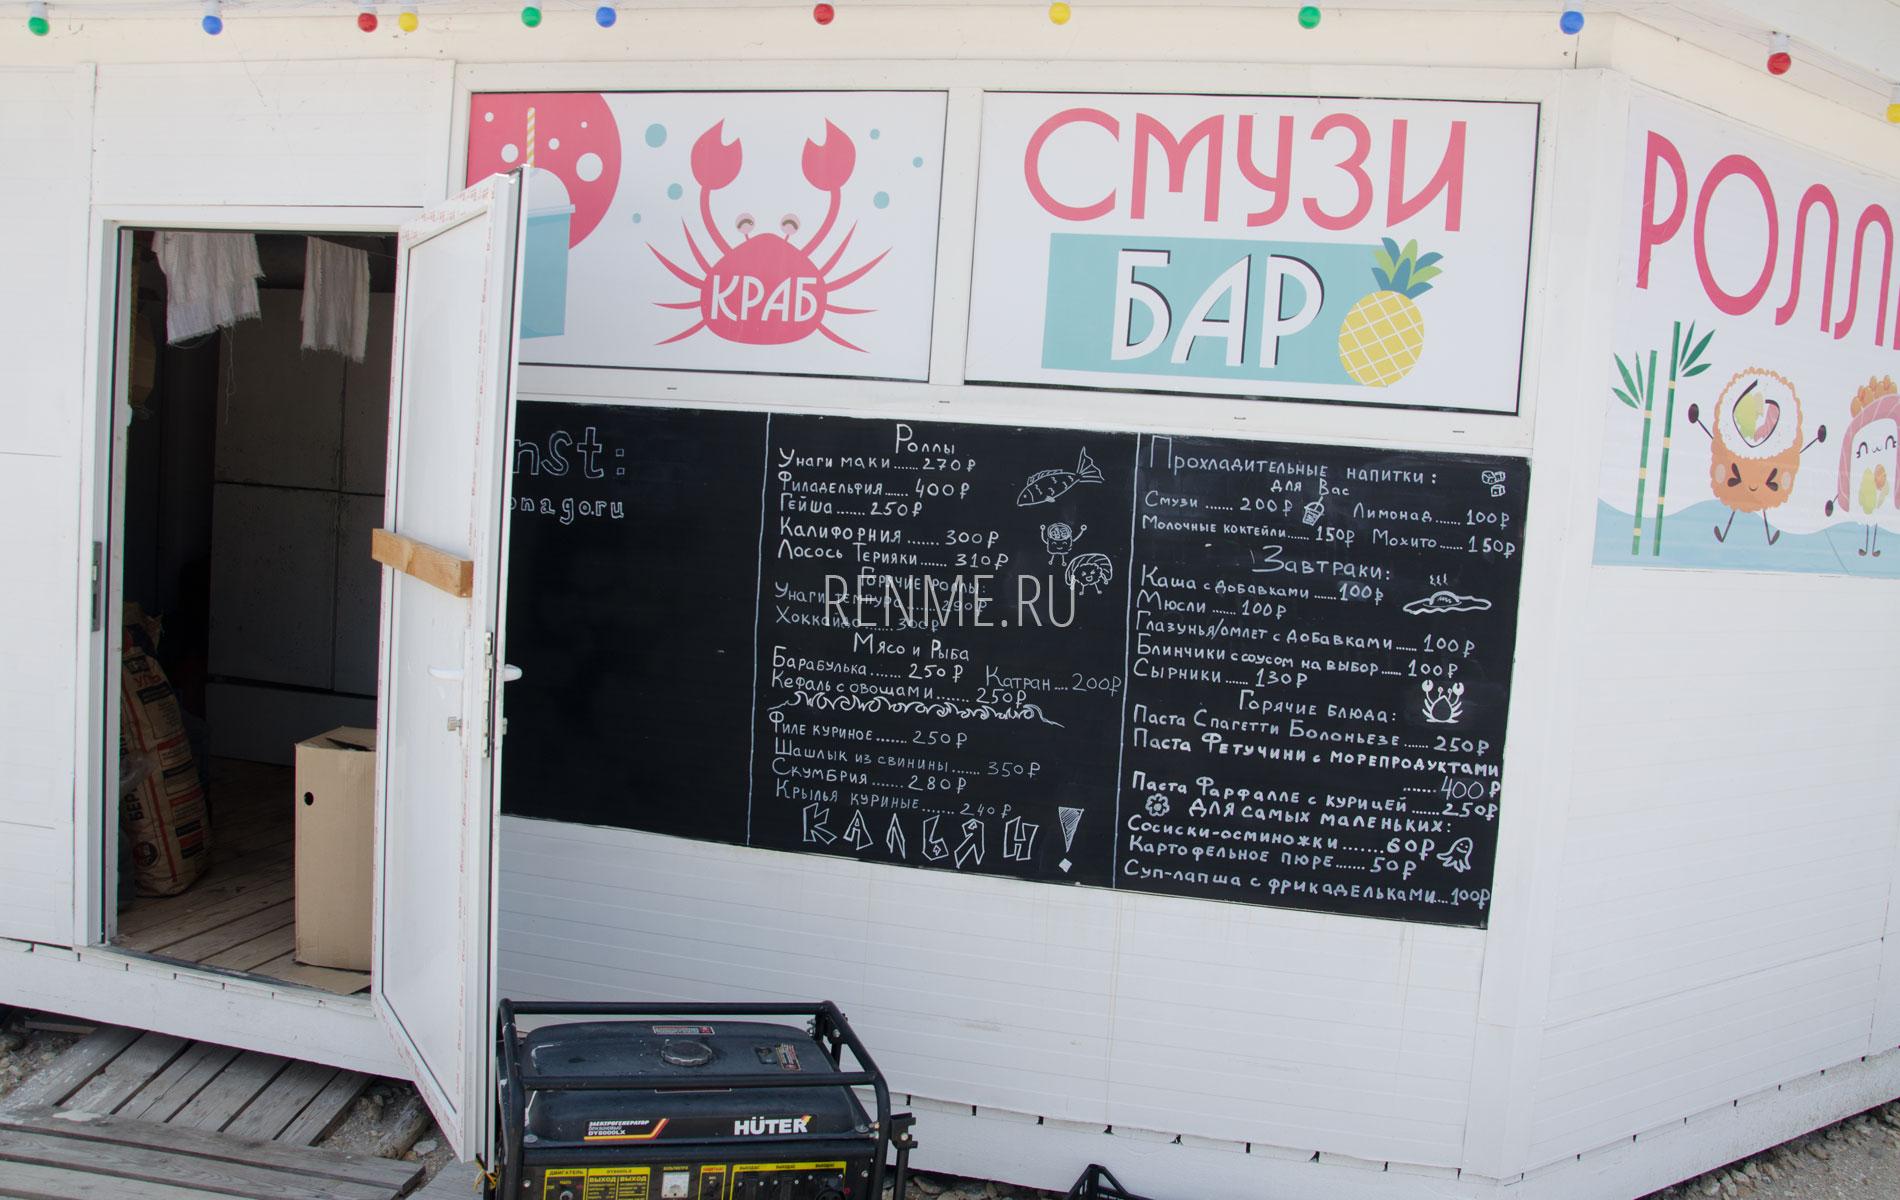 Цены на пляже в Крыму. Фото Штормового